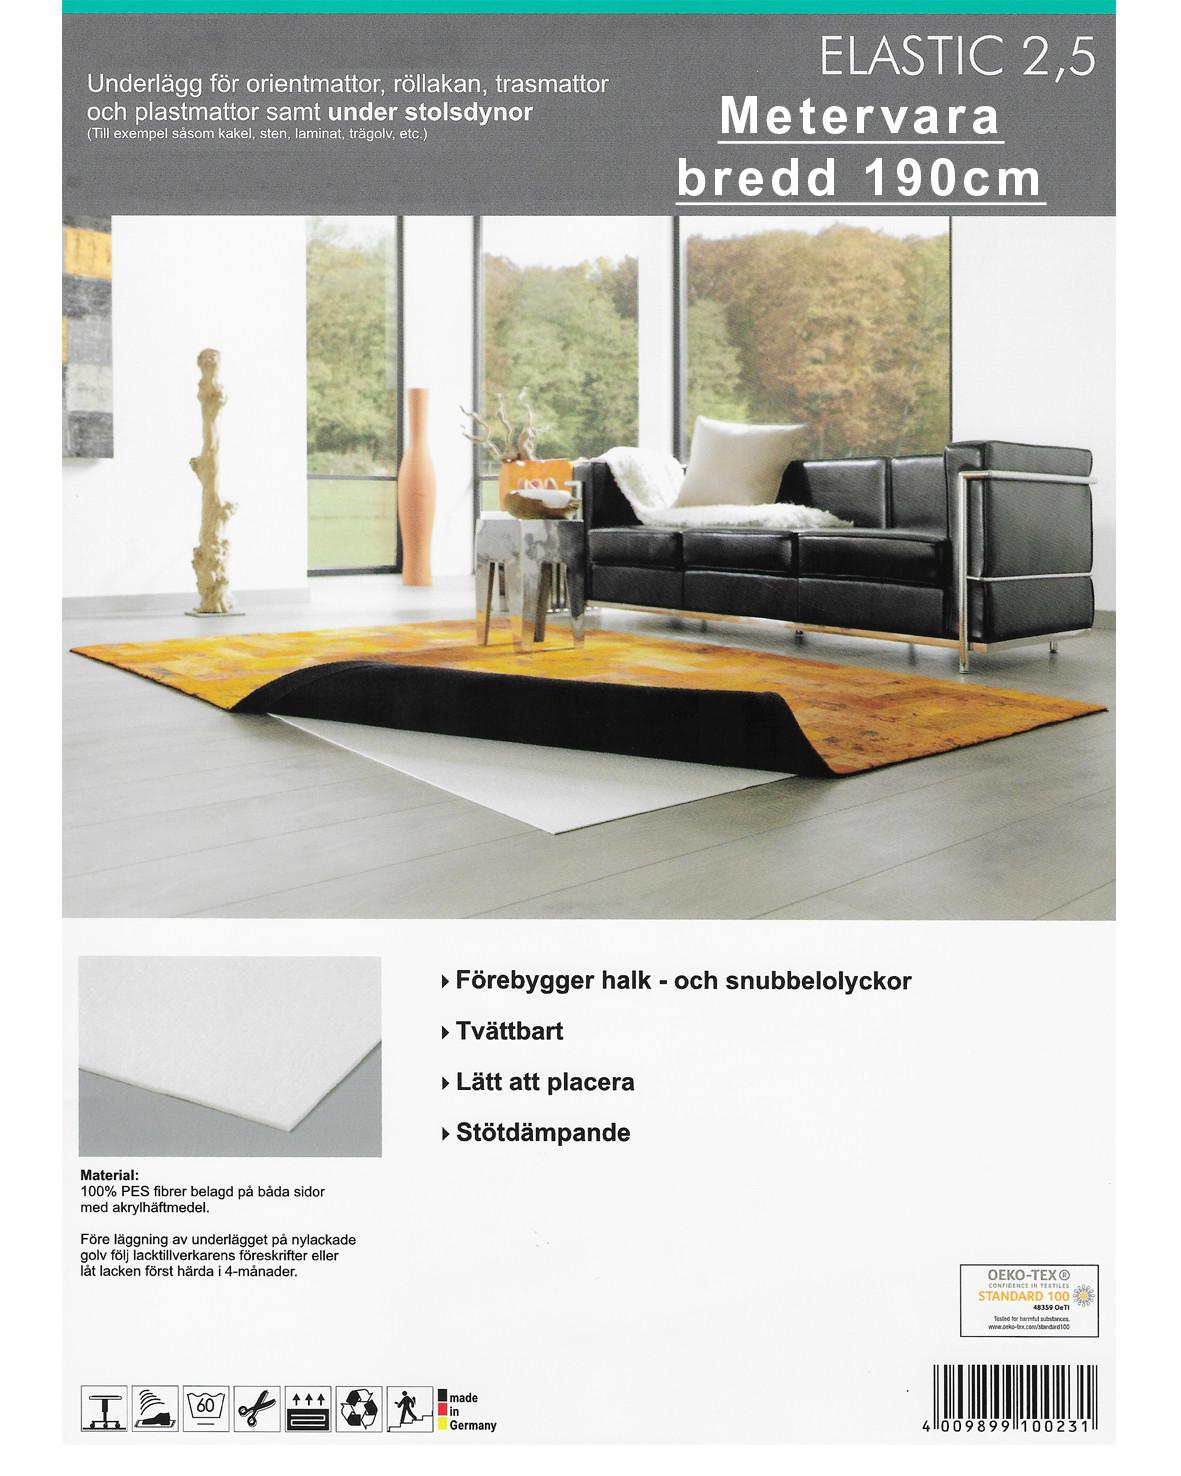 Underlägg AKO elastic för hårda golv 190cm